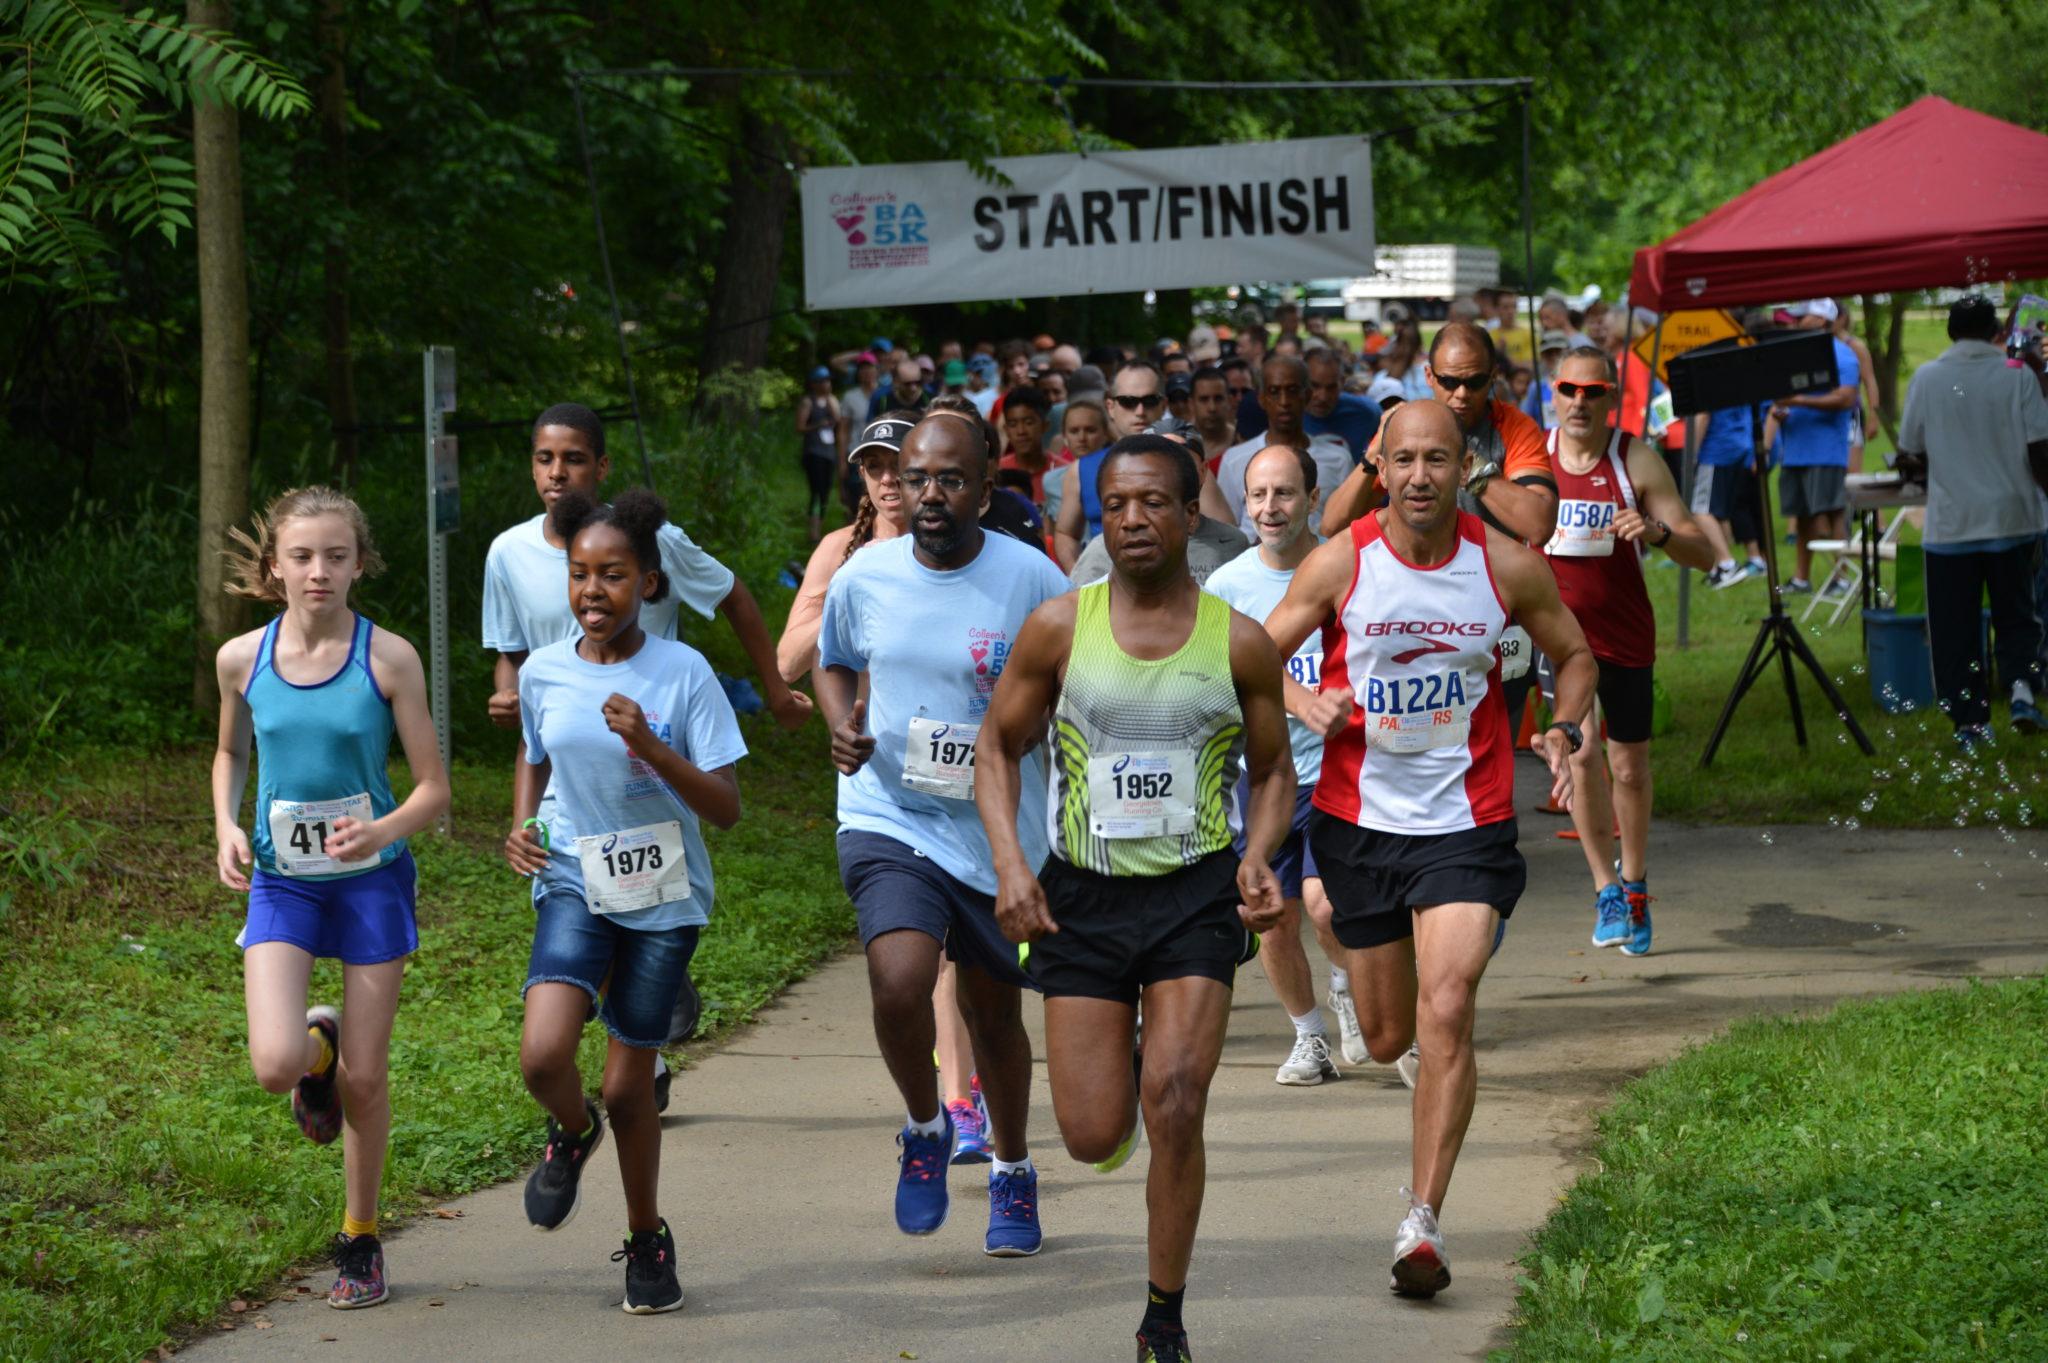 Run start